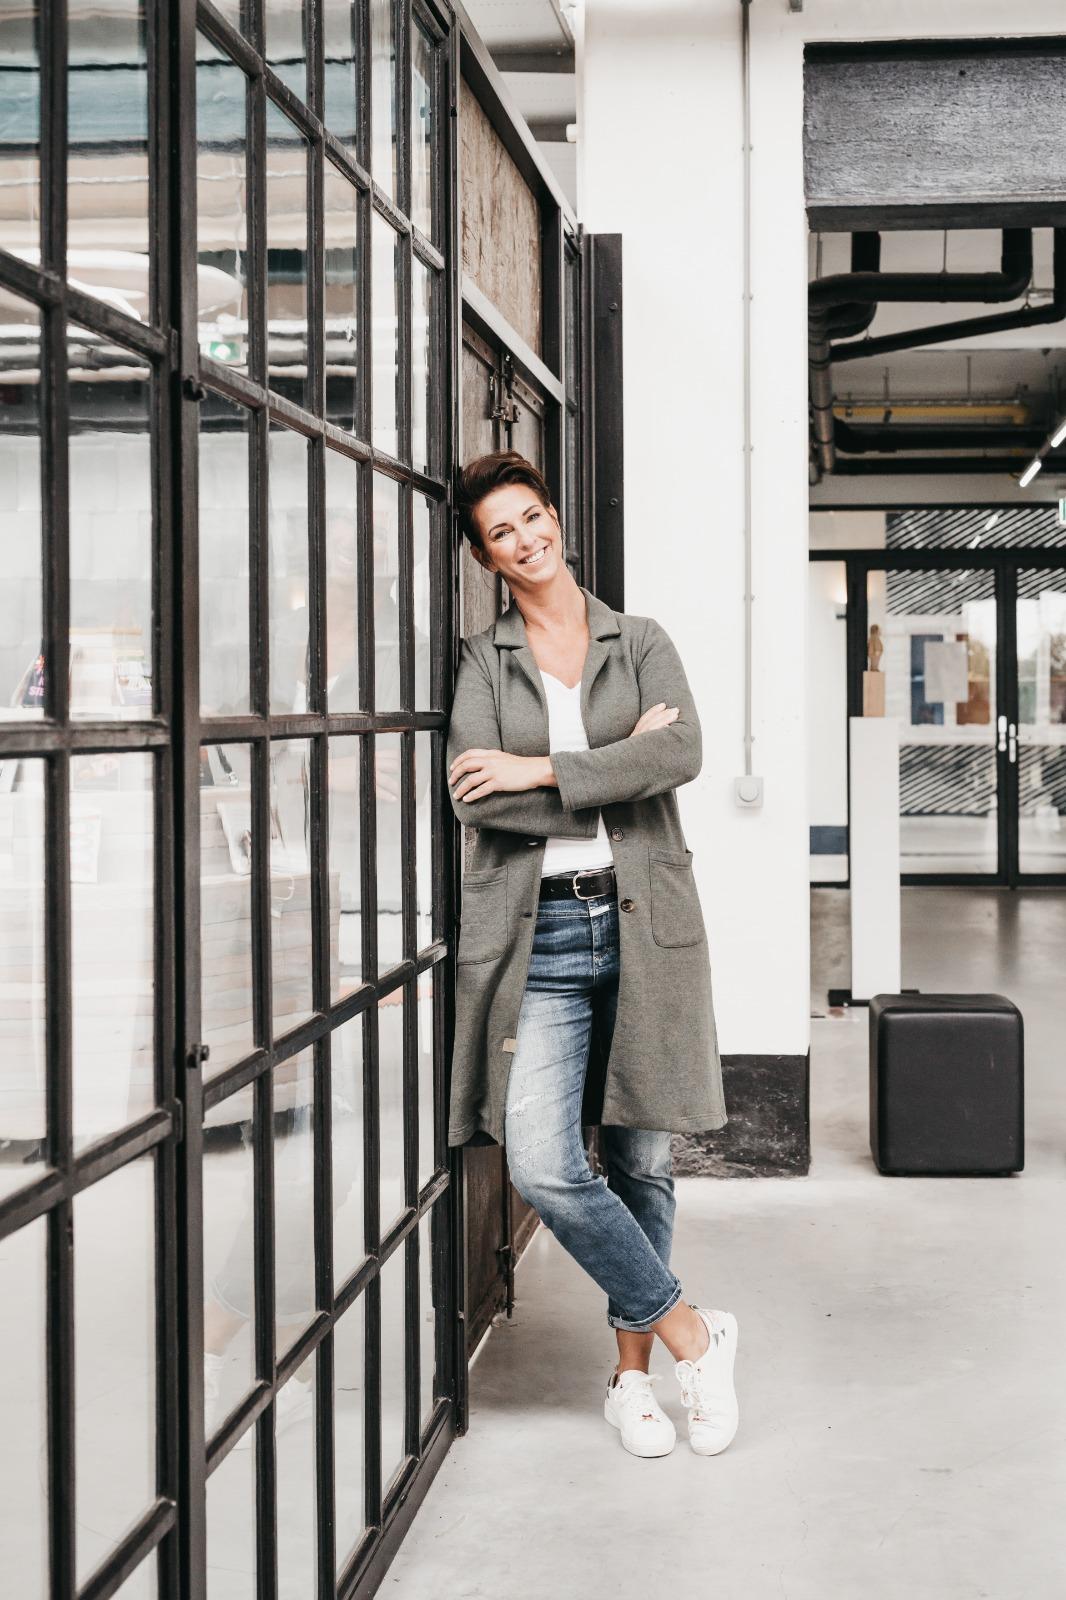 Fotografe Debby van Cleef - staande in haar studio